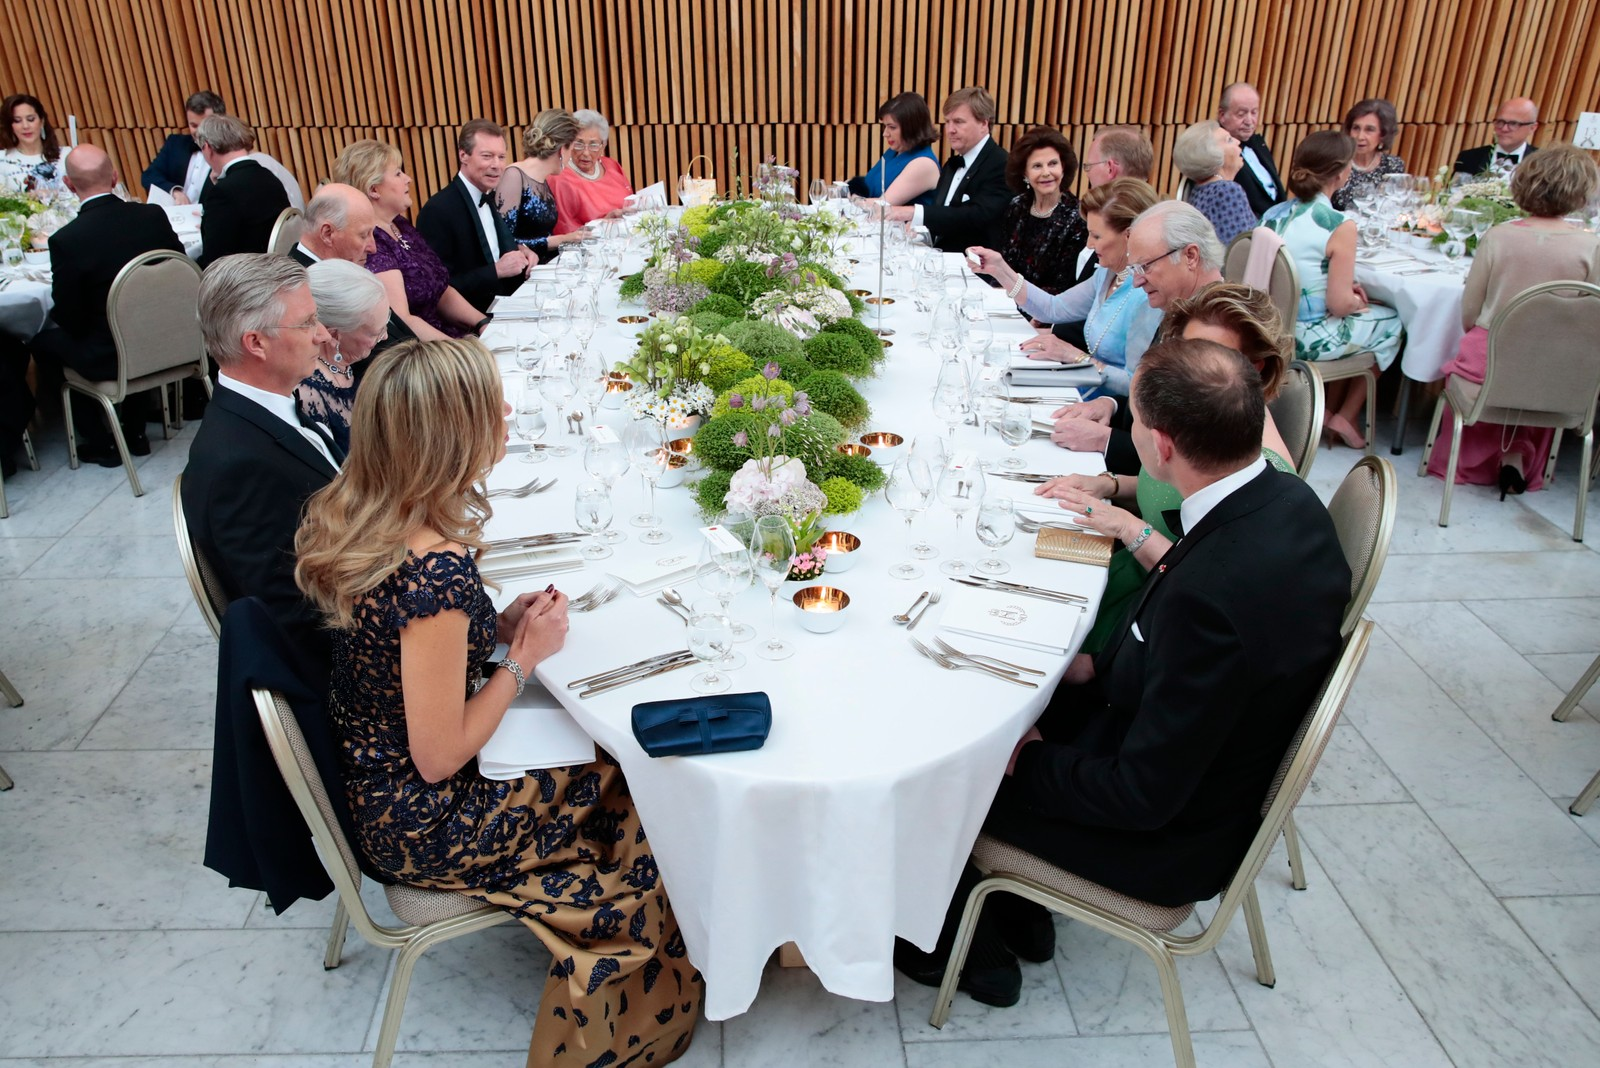 Regjeringens holder festmiddag for kongeparet i Operaen i anledning kongeparets 80-årsfeiring. POOL.